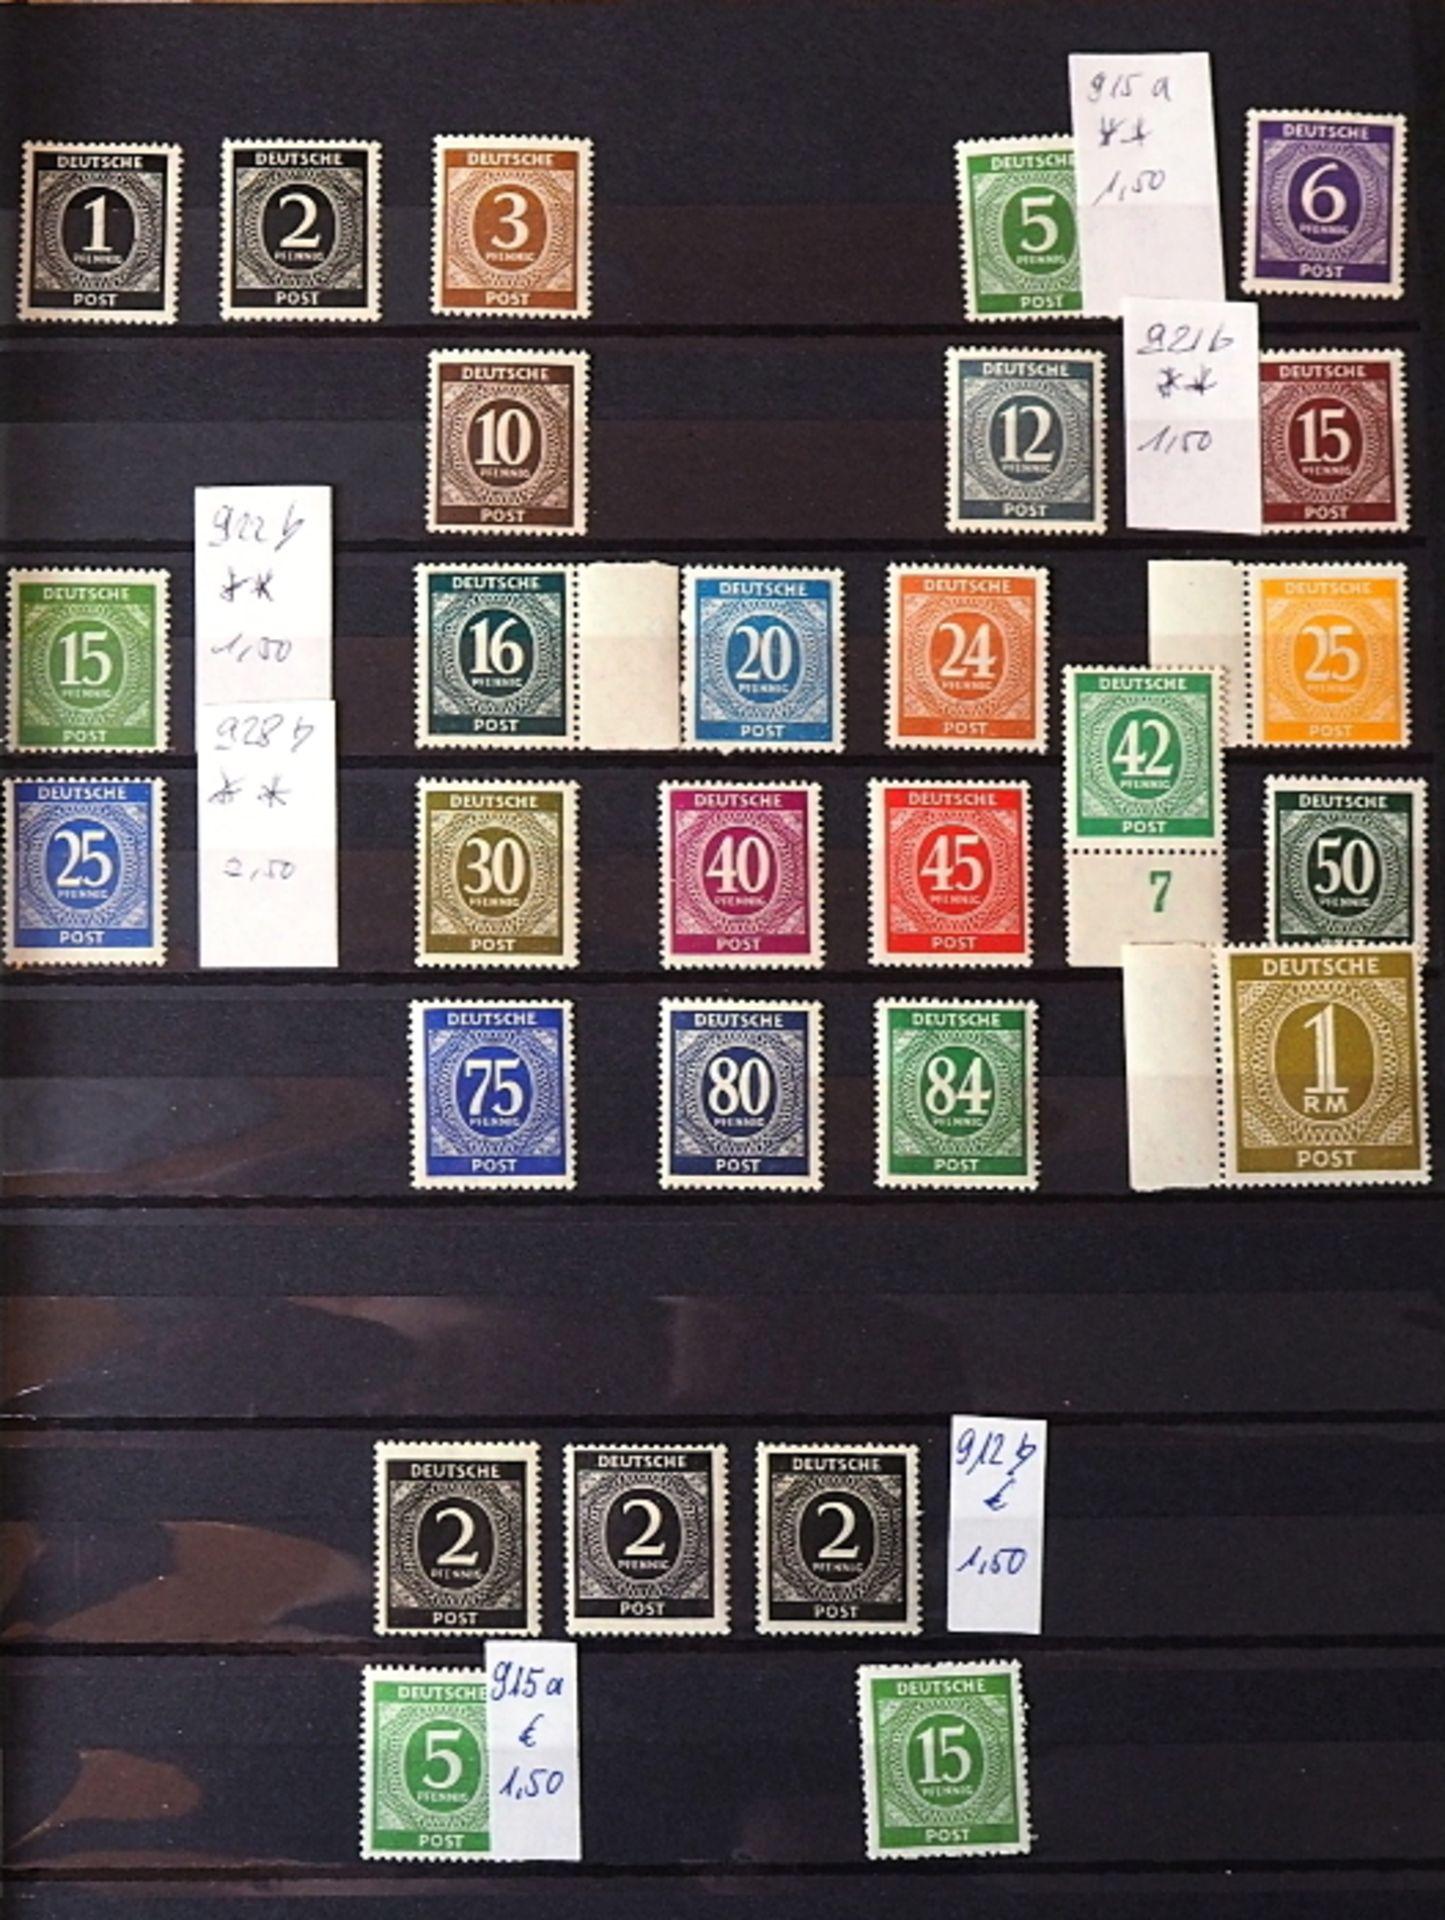 1 Sammlung Briefmarken, Ersttagsbriefe, Briefe, Fehldrucke u.a., gestempelt/ungestempelt, <b - Bild 3 aus 7